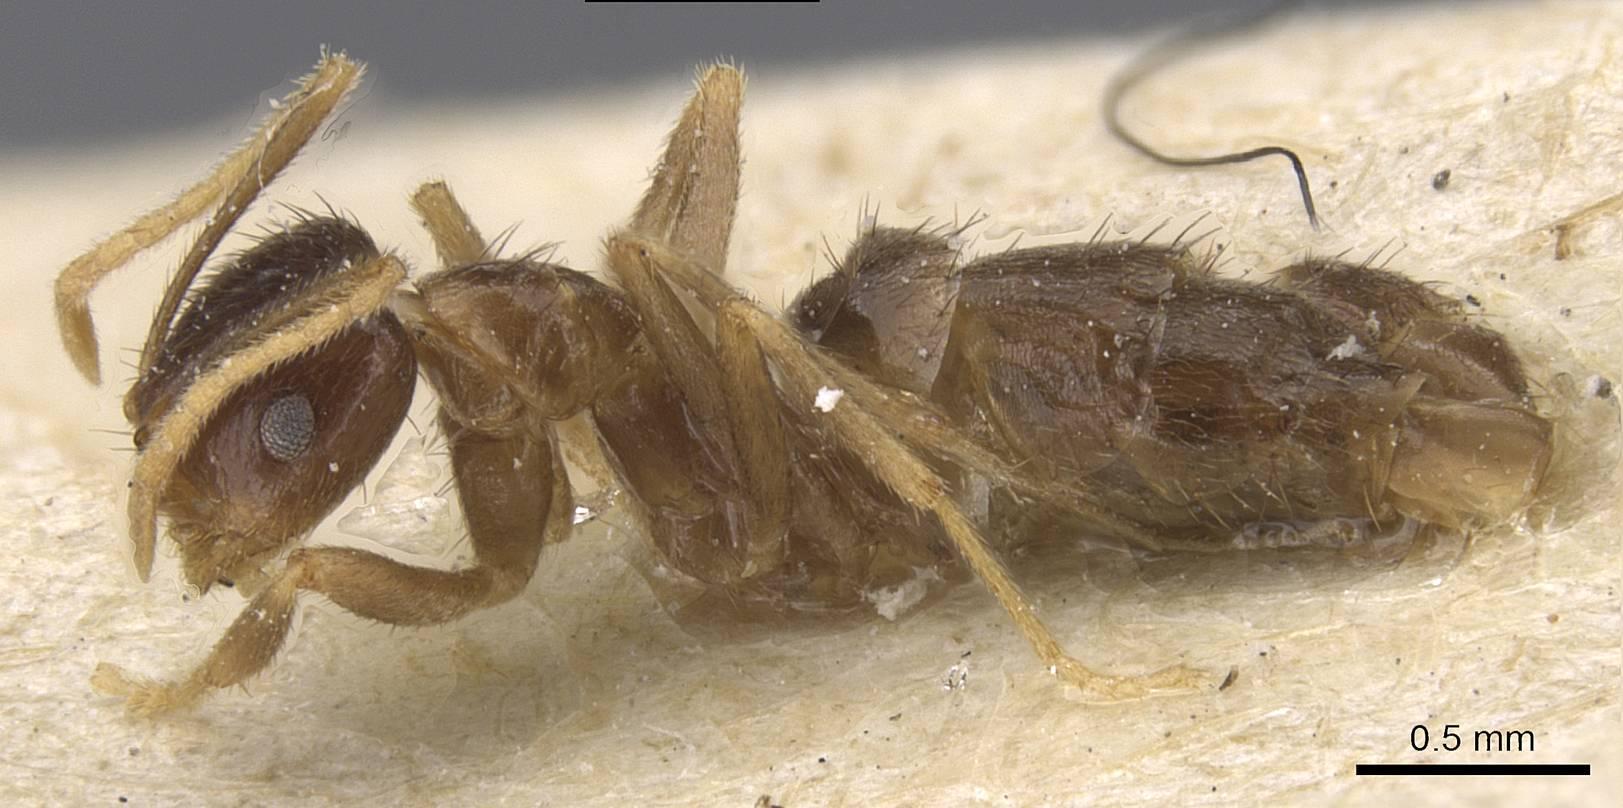 Image of Brachymyrmex antennatus